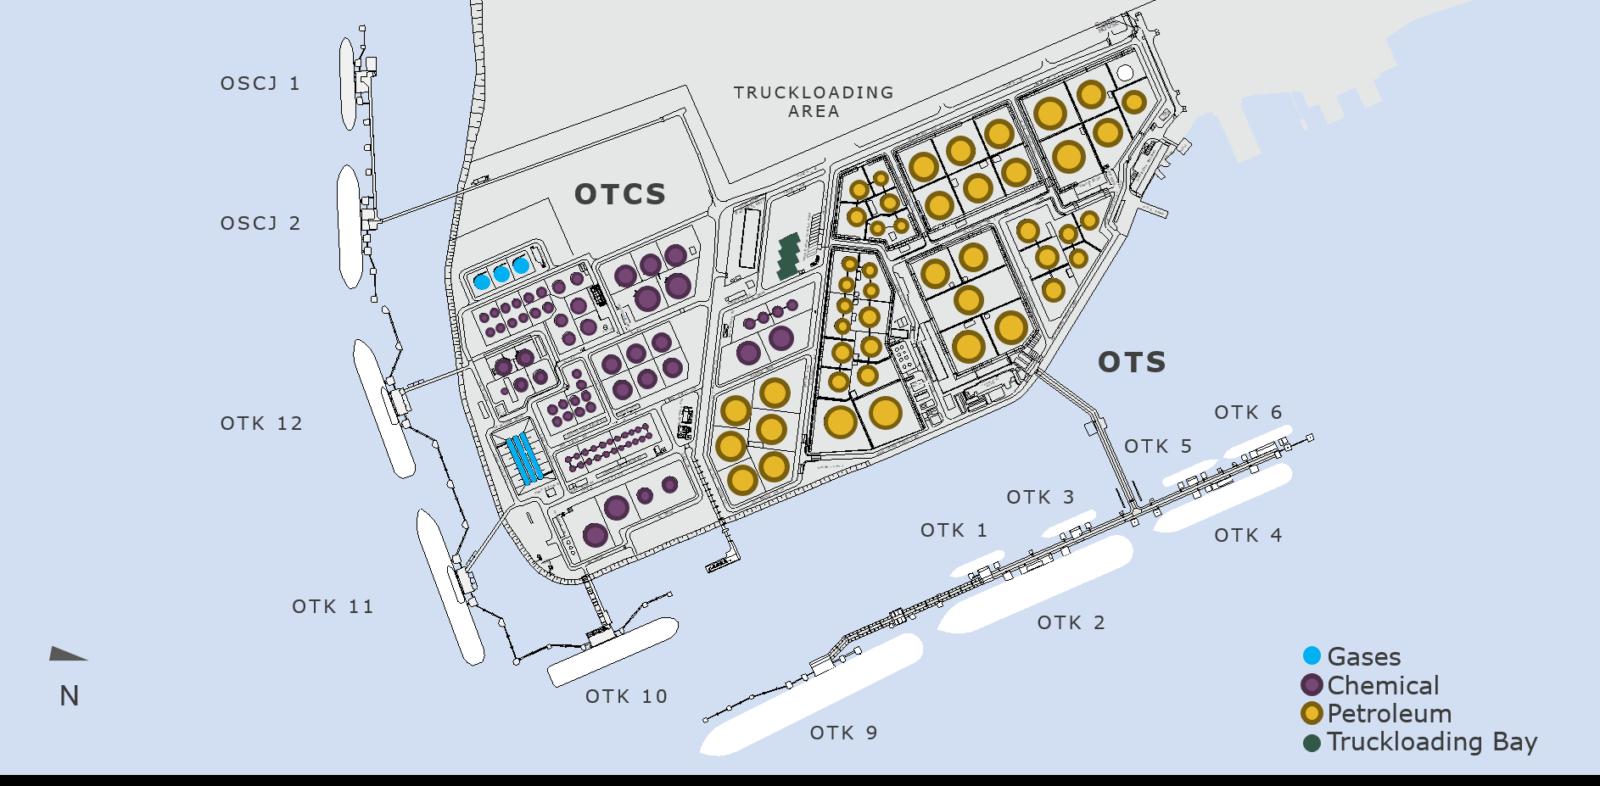 Jurong Island карта - «Механизм особых экономических зон умирает, заинтересовать мировые компании ему нечем»